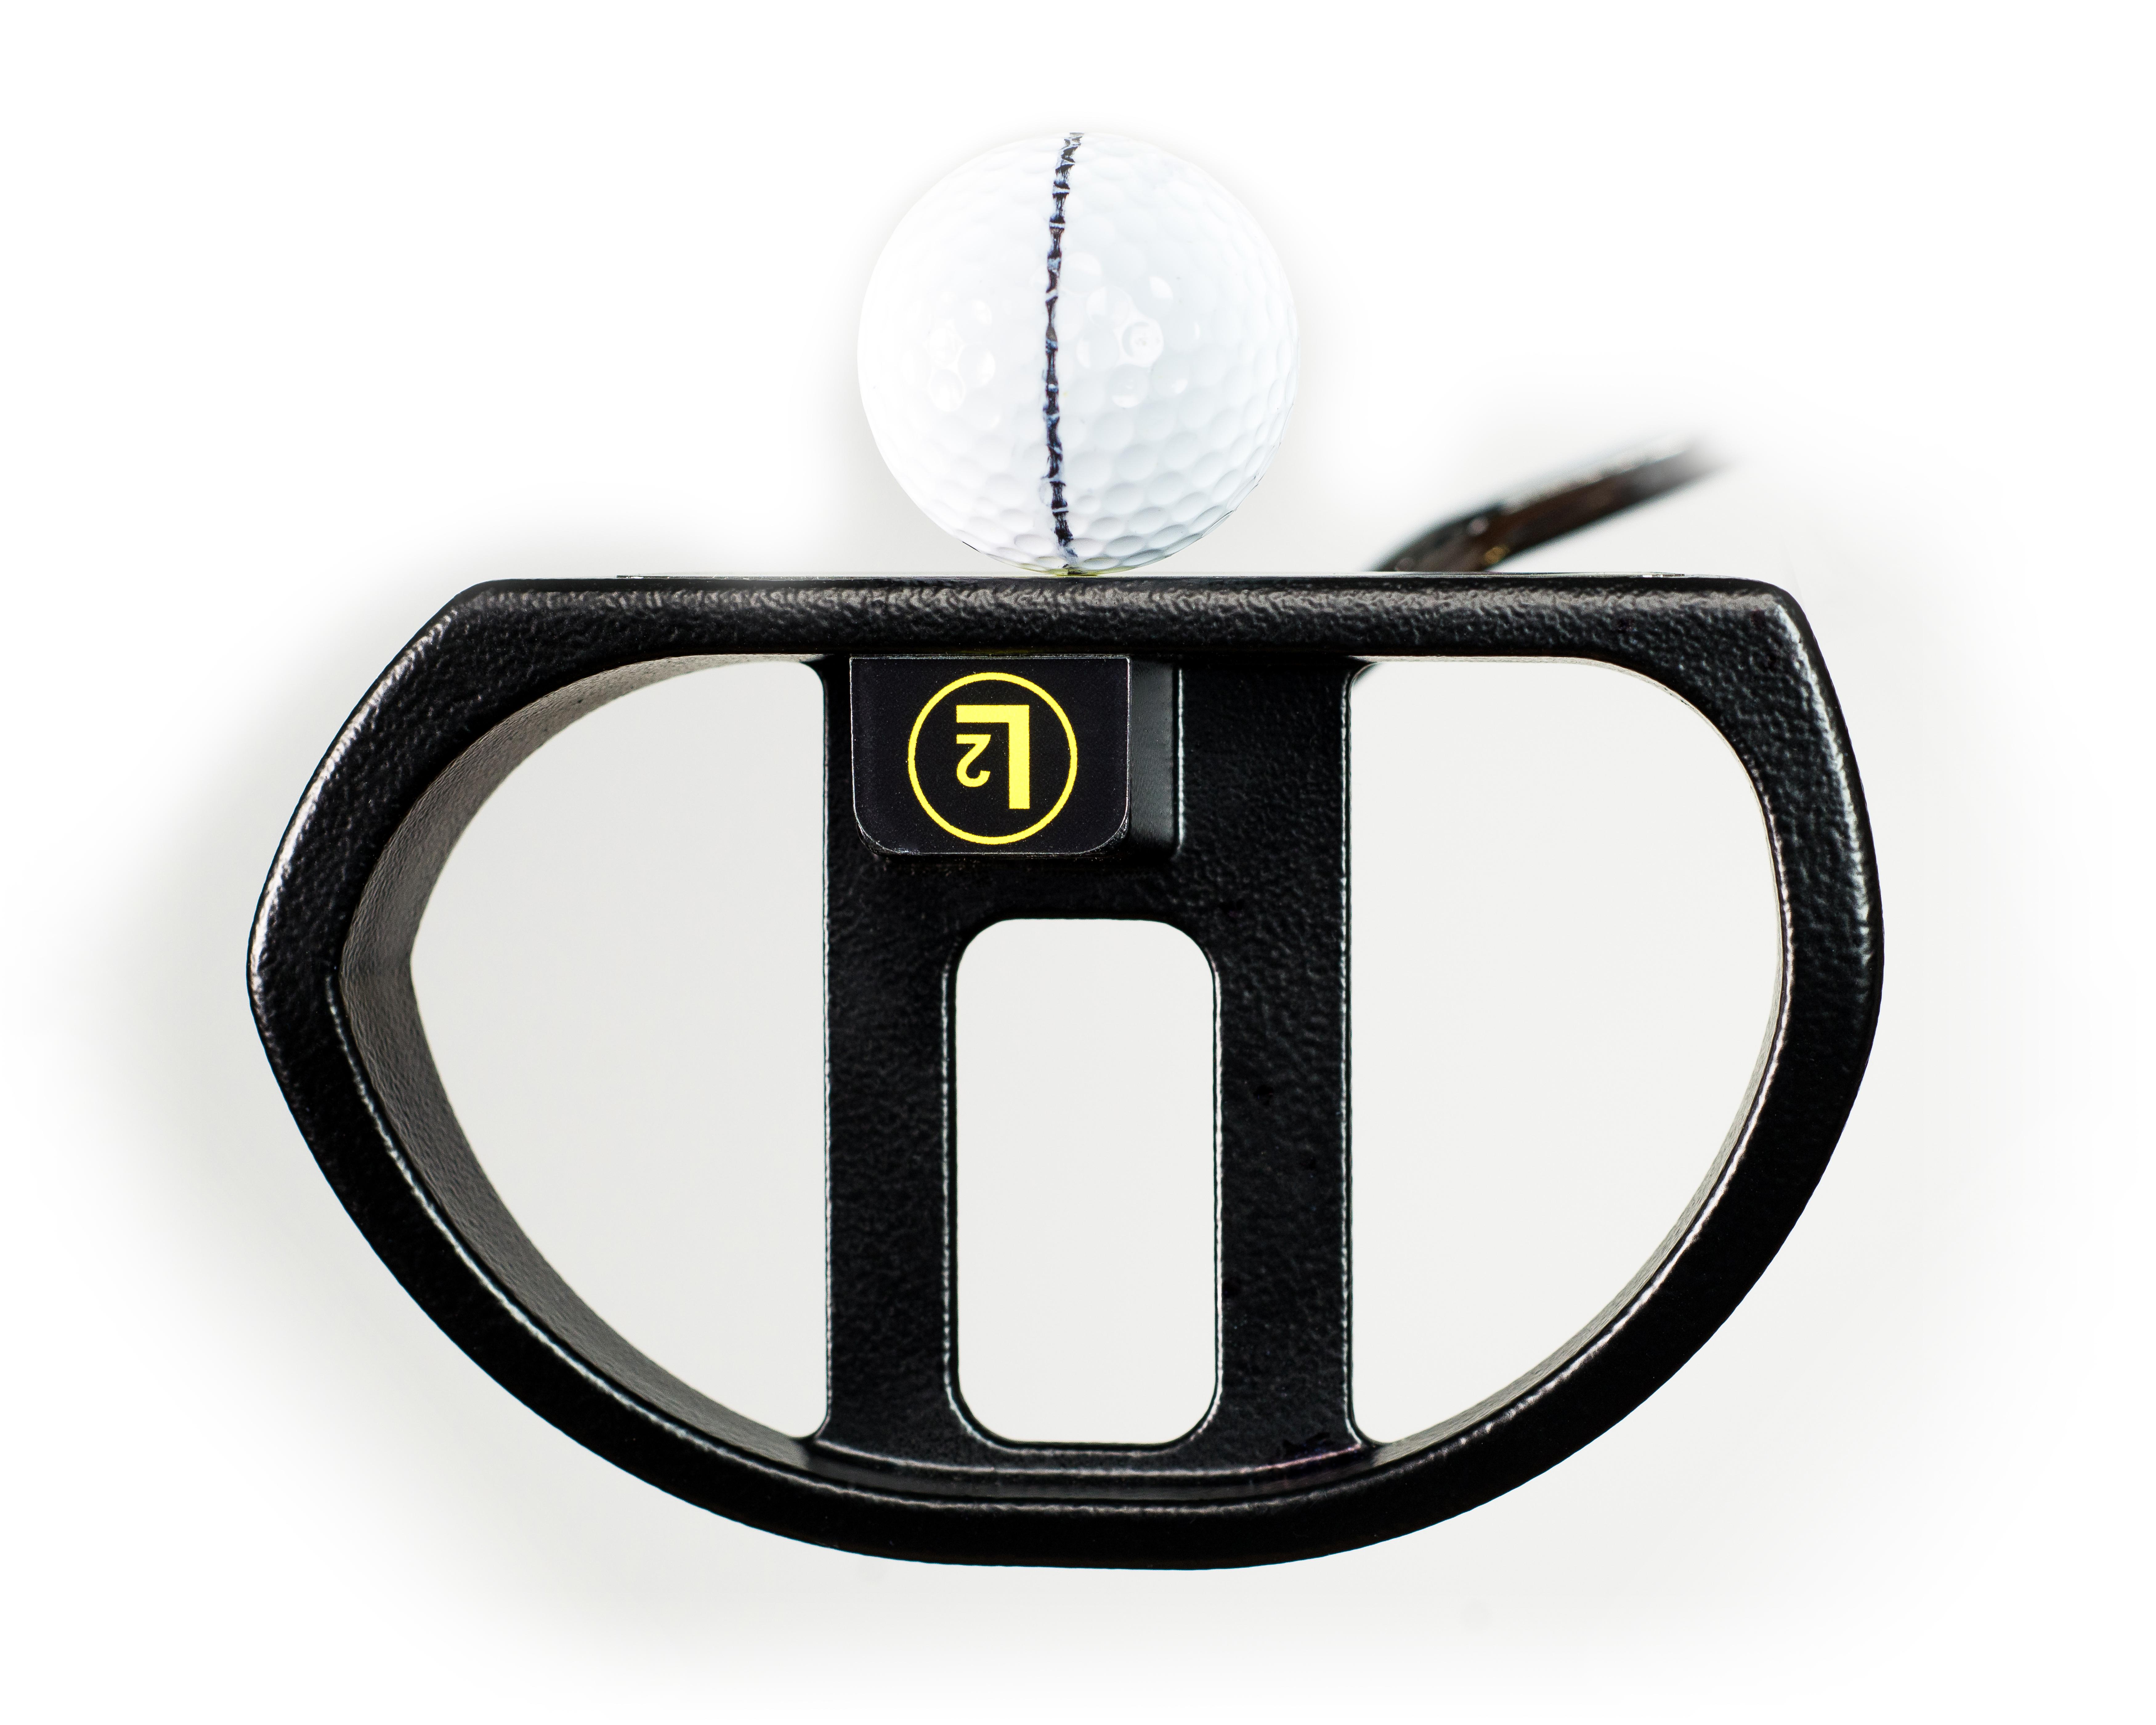 Highest MOI in golf